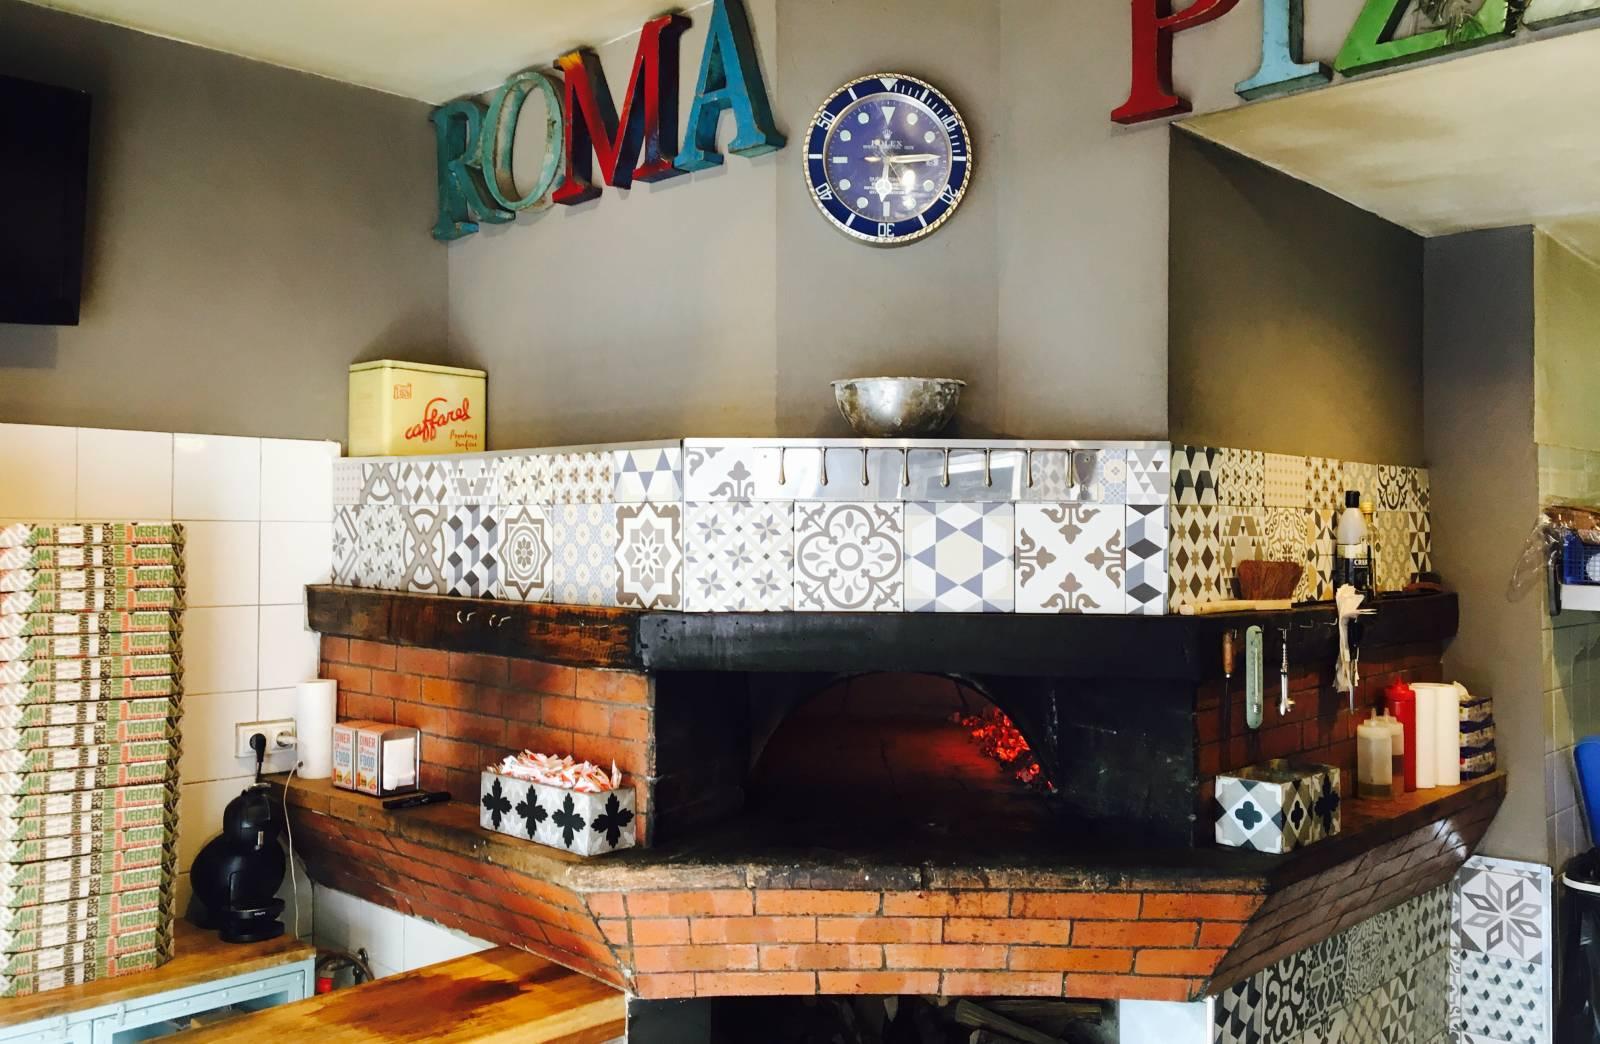 livraison de pizza au feu de bois marseille 13008 roma pizza. Black Bedroom Furniture Sets. Home Design Ideas